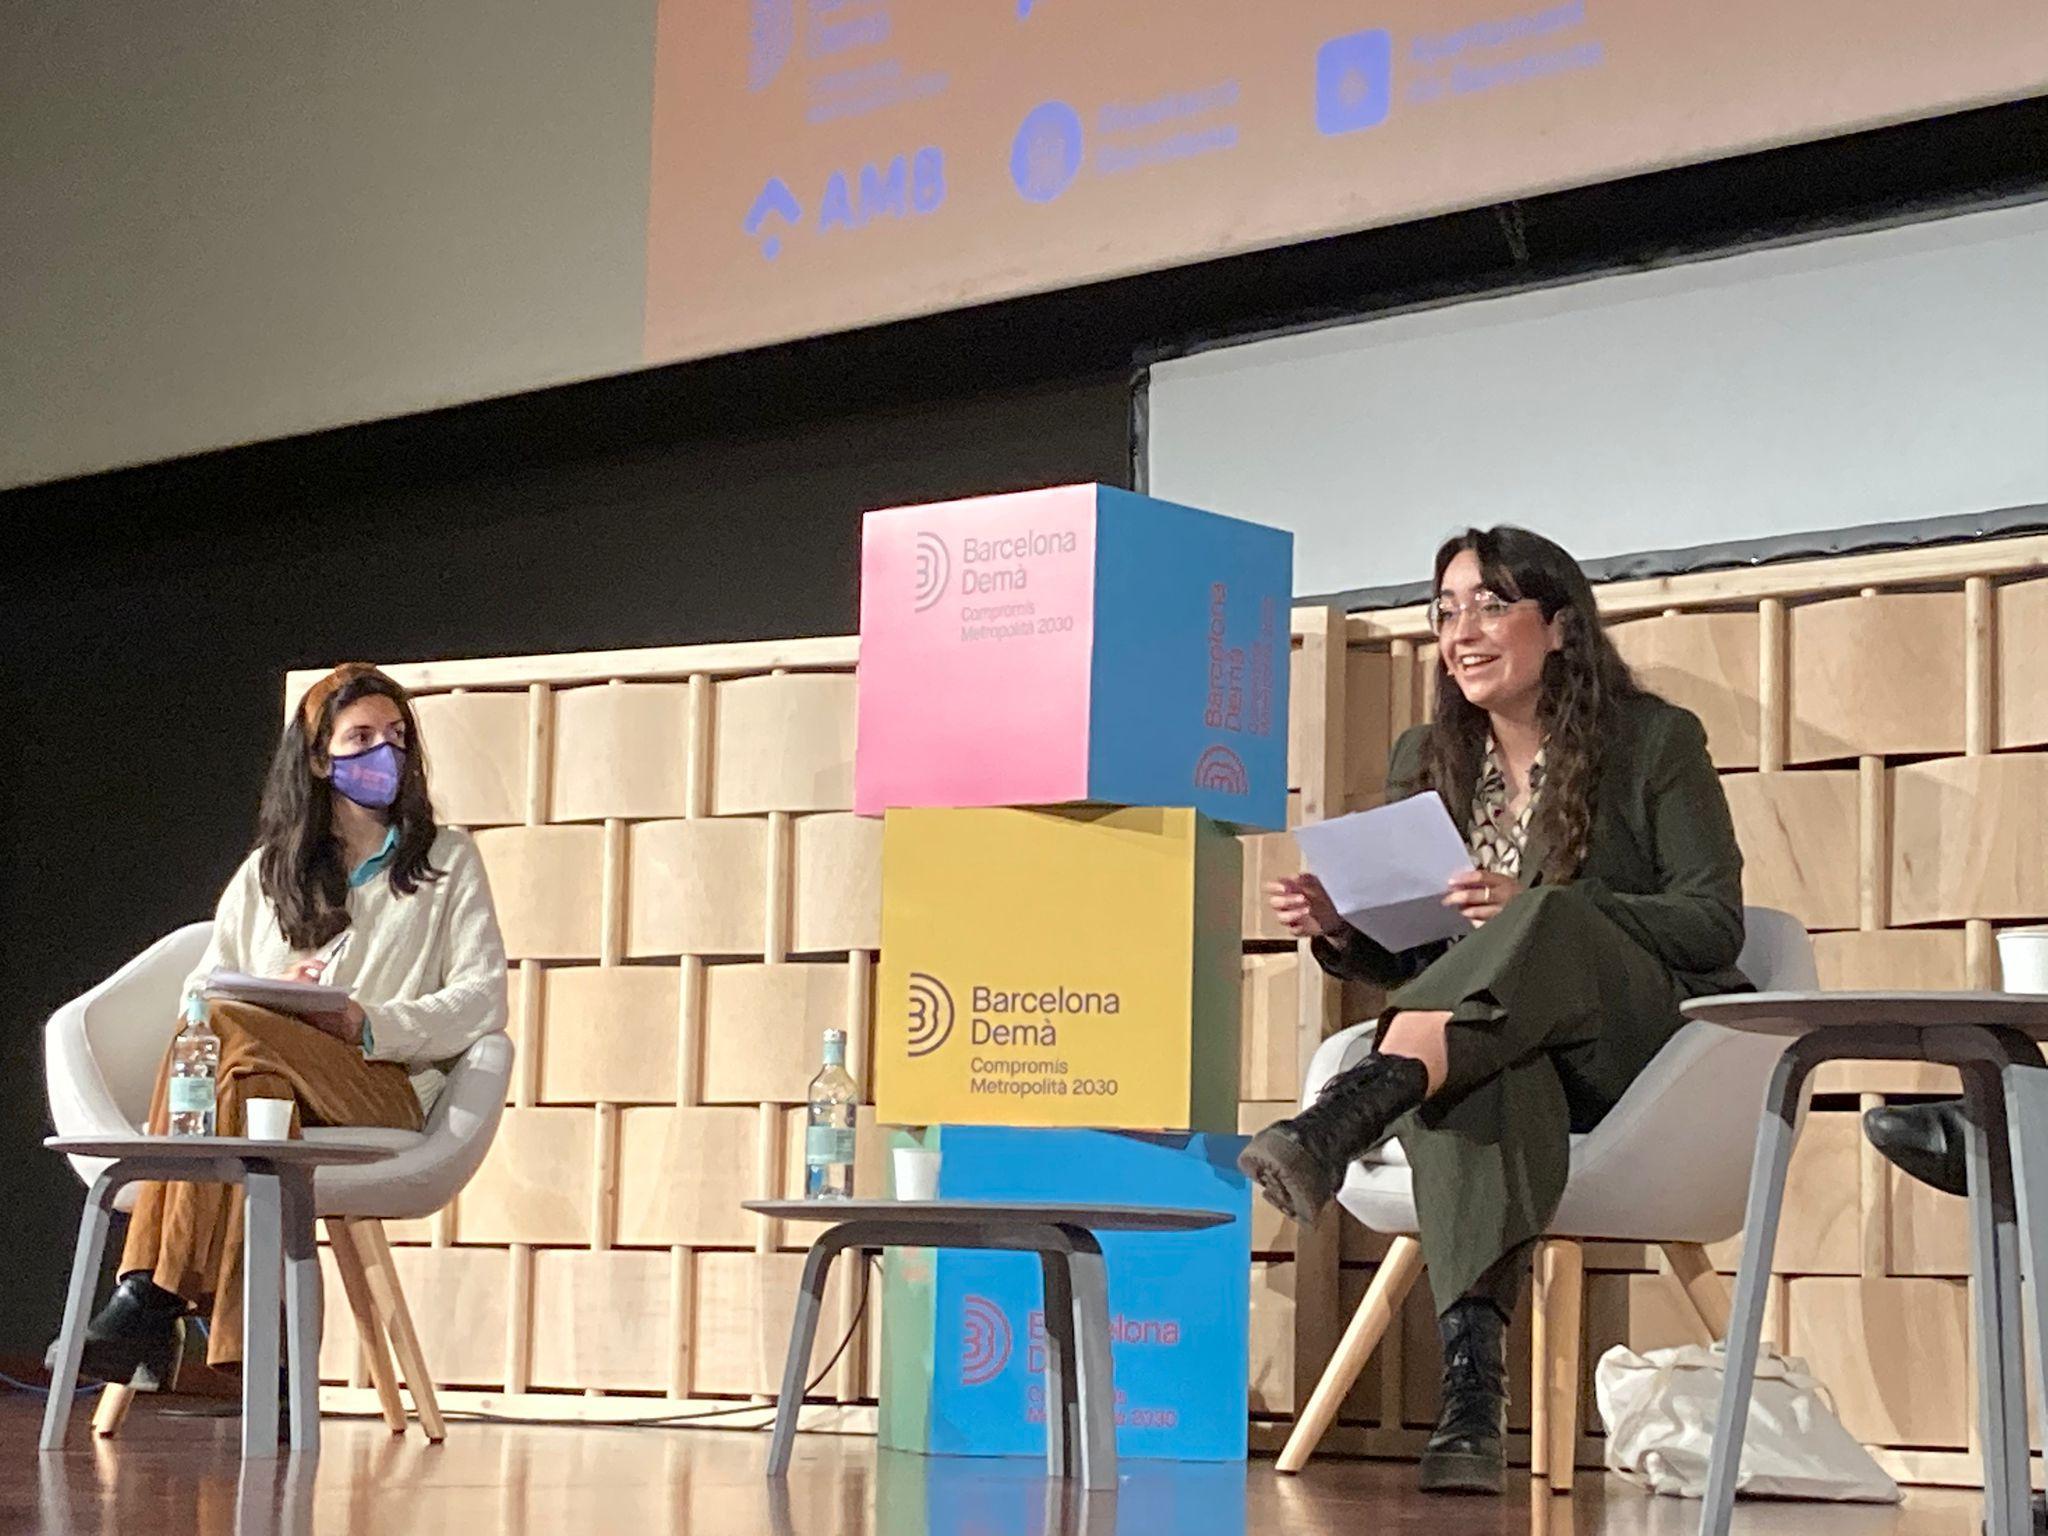 Olympia Arango, vicepresidenta de deba-t.org, en 'Diálogos de futuro: La vivienda en 2030: ¿qué perspectiva para la gente joven de hoy?'